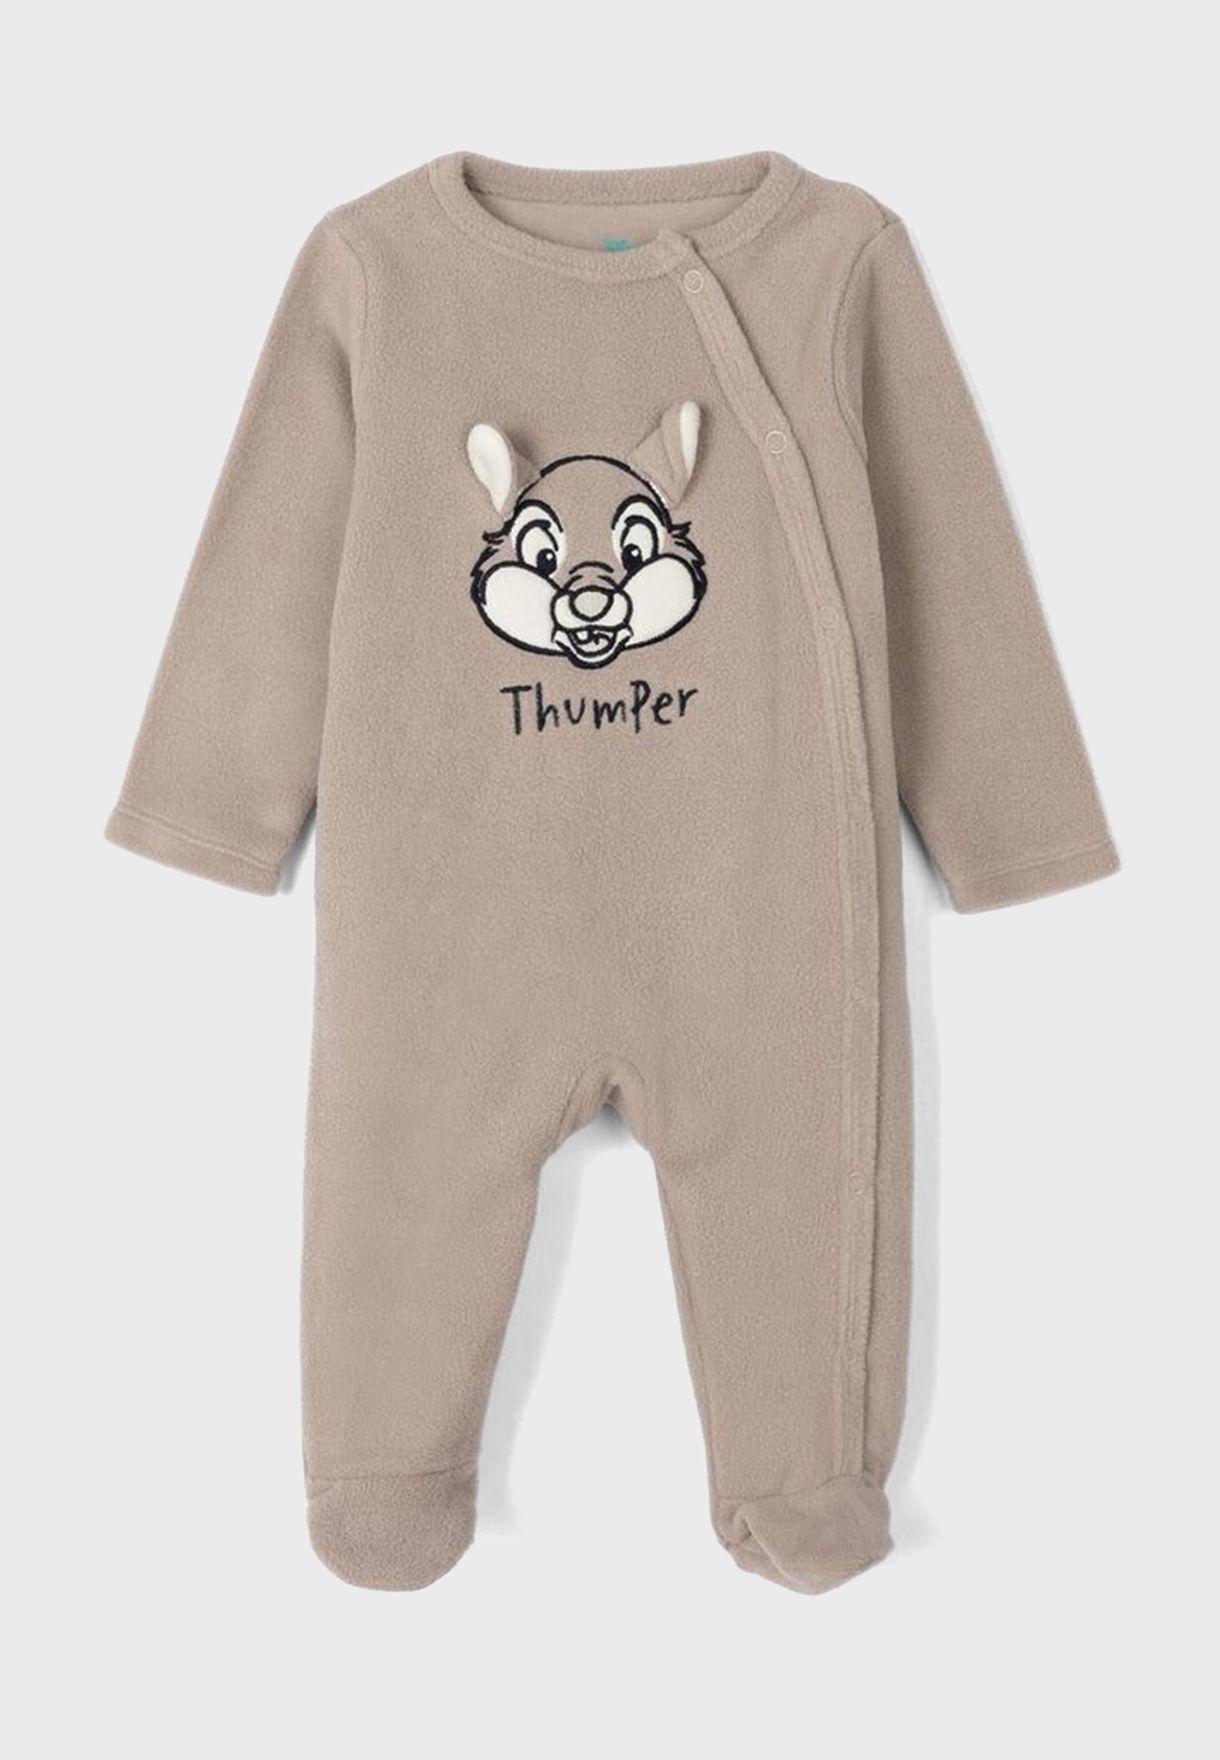 Infant Thumper Onesie